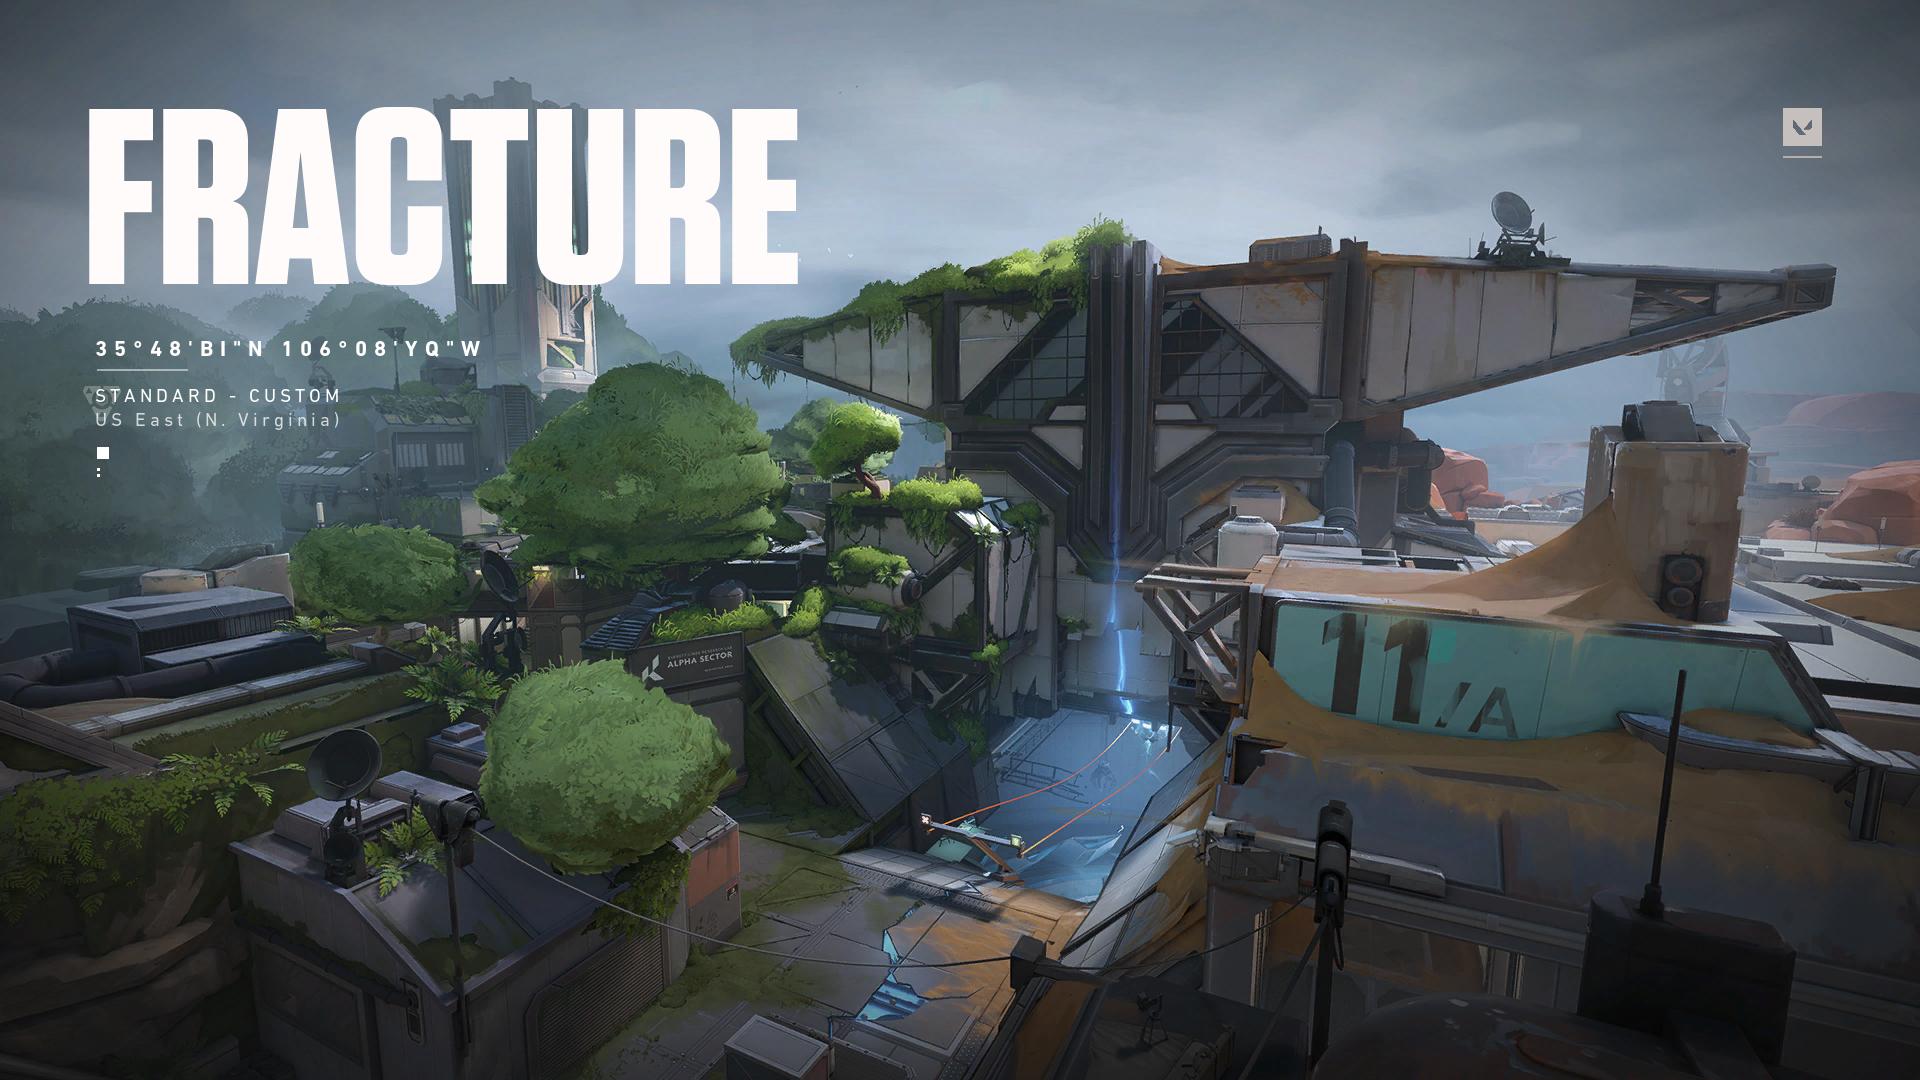 Dit is Fracture: de nieuwe Valorant map